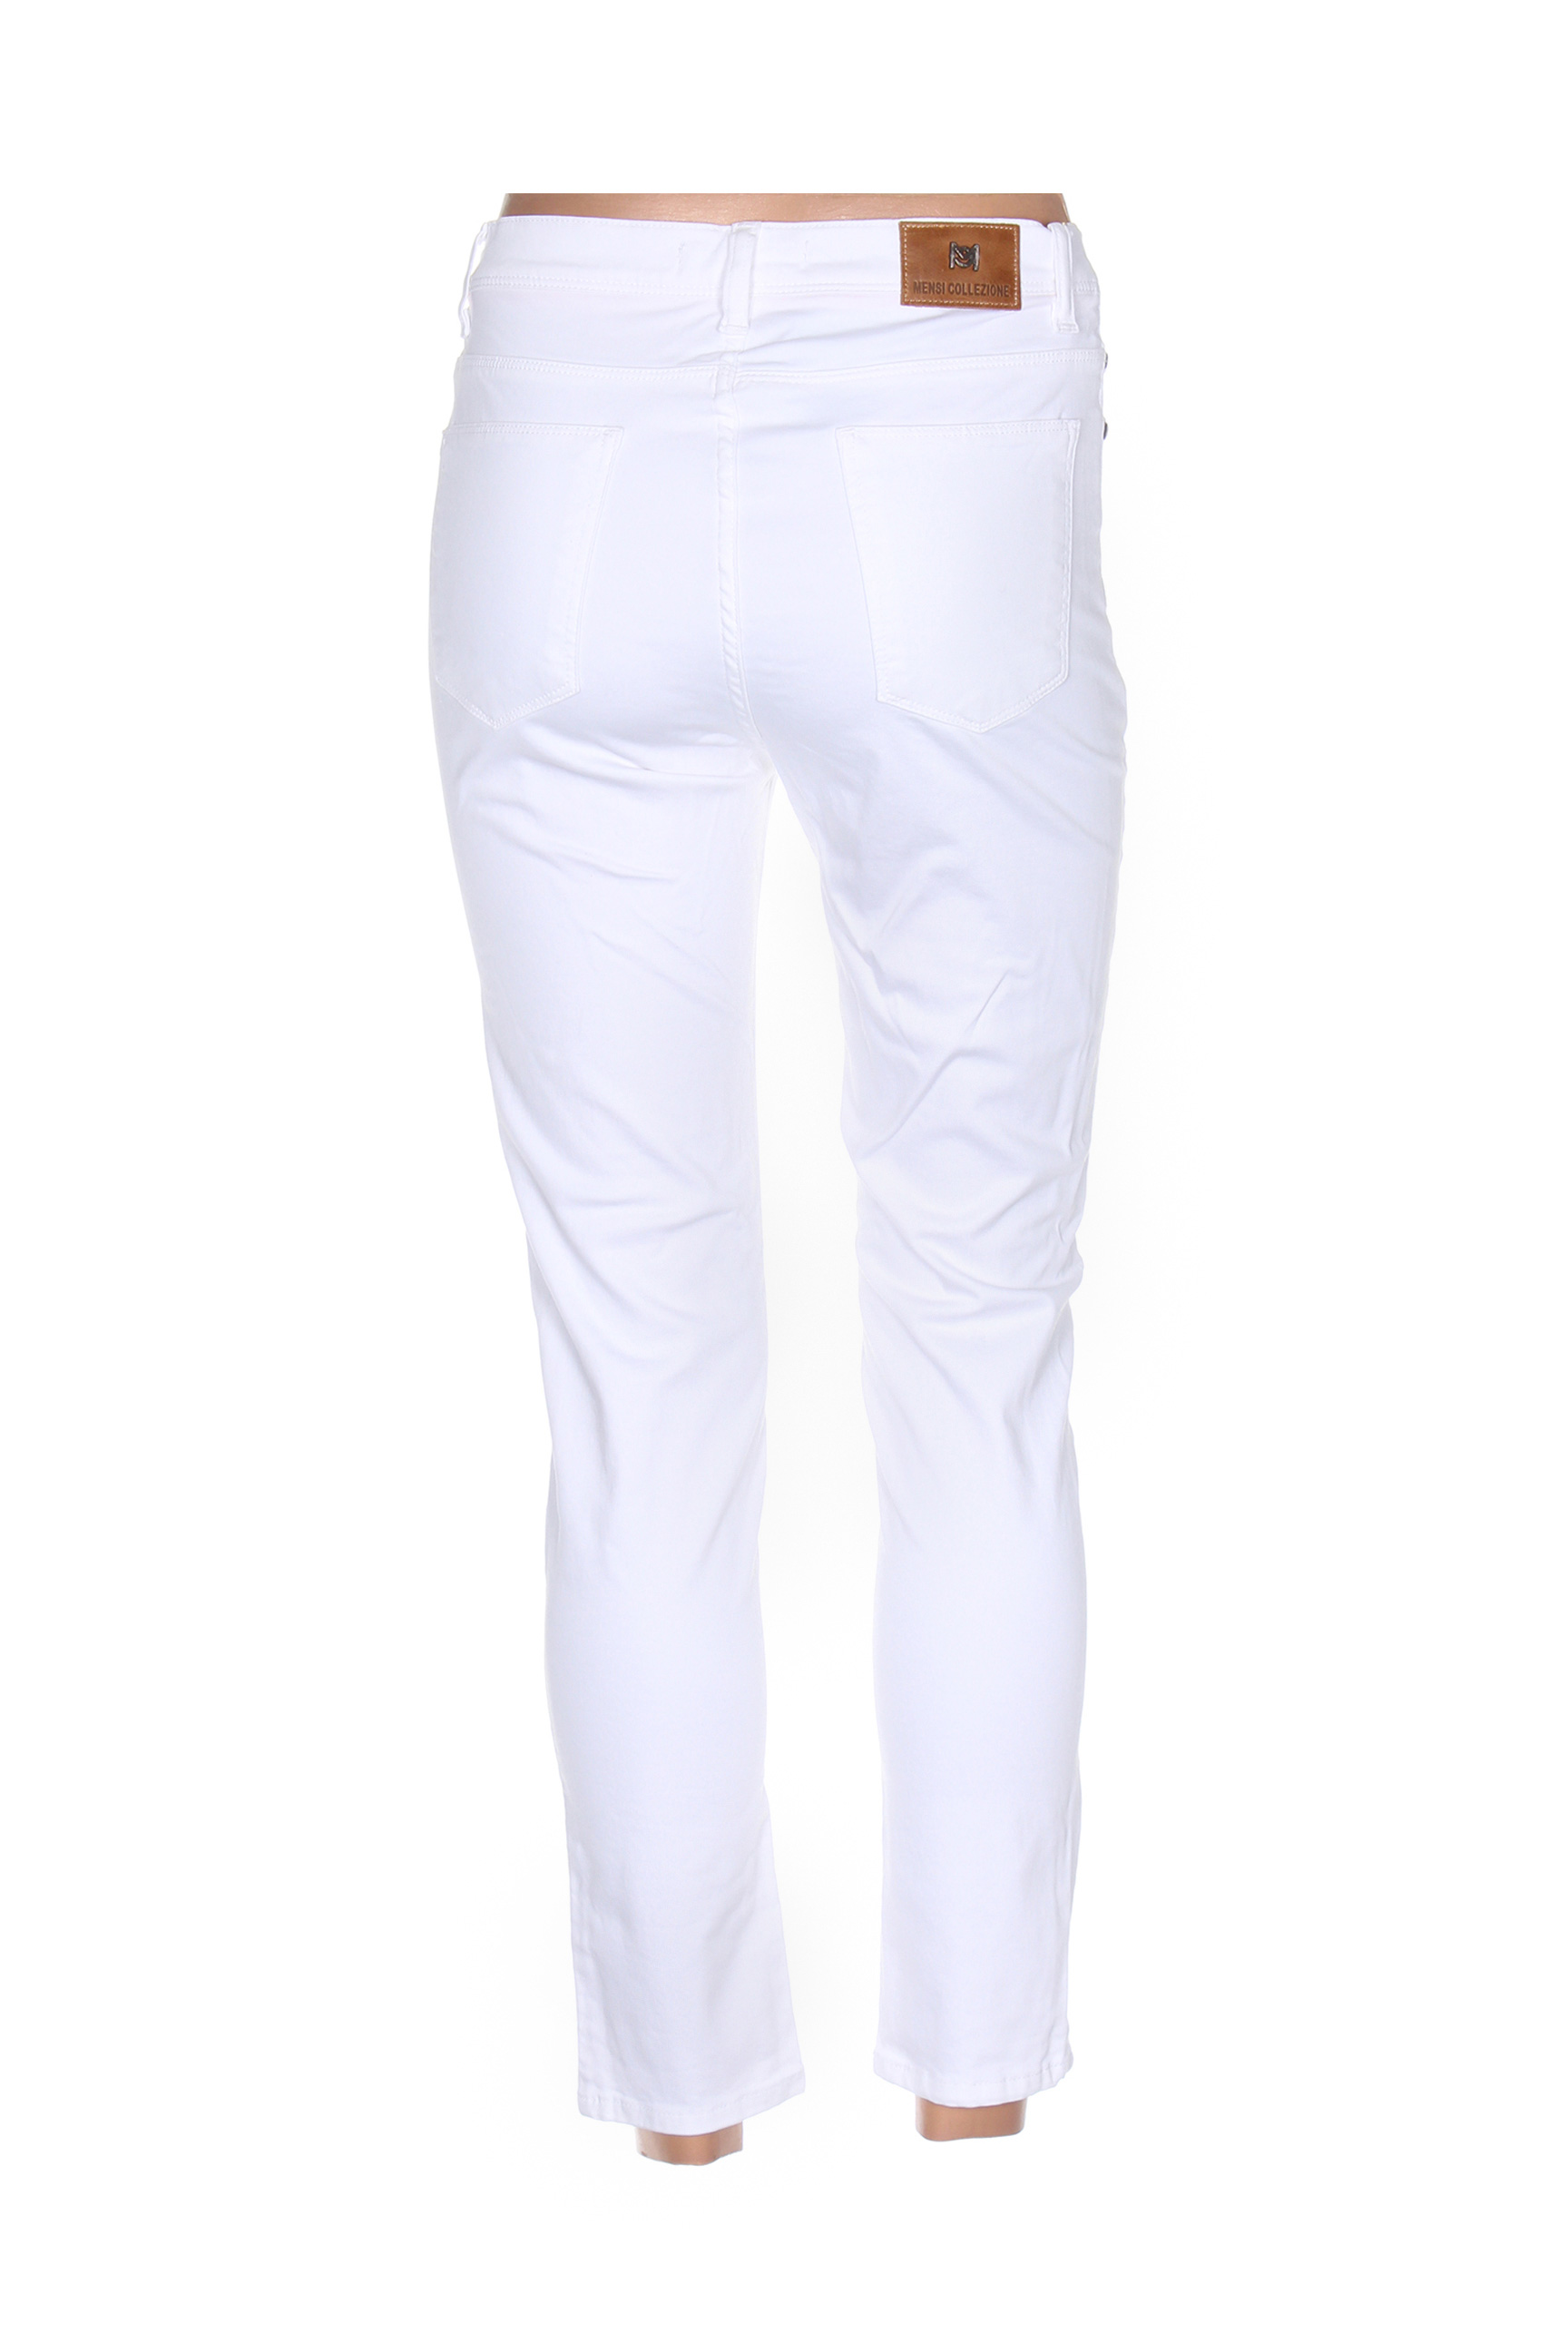 Mensi Collezione Pantalons Decontractes Femme De Couleur Blanc En Soldes Pas Cher 1284247-blanc0